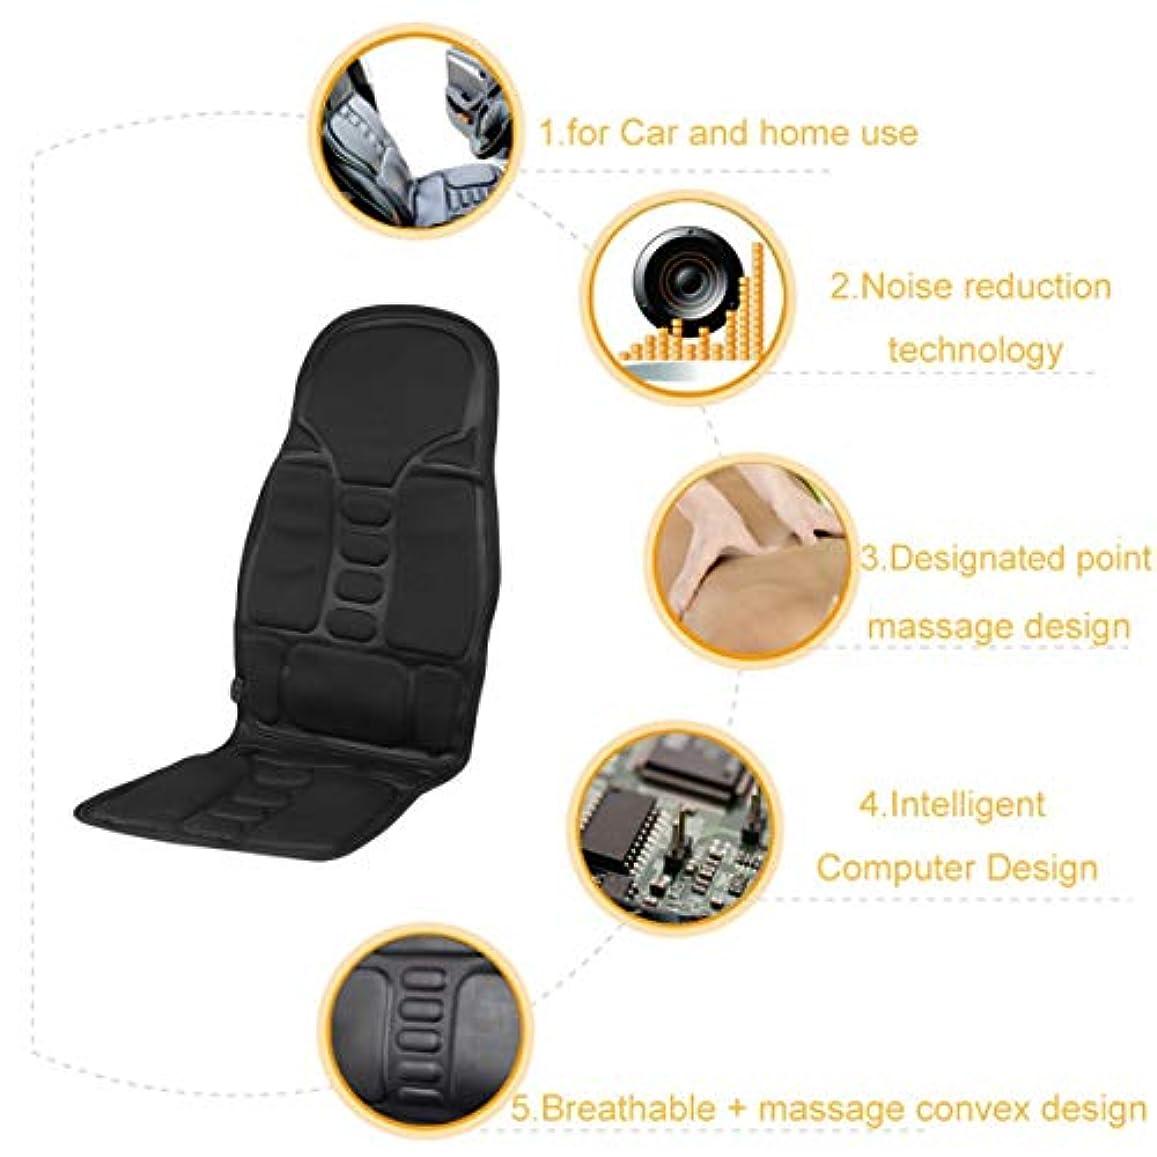 不安定な住人本質的ではないProfessional Car Household Office Full Body Massage Cushion Lumbar Heat Vibration Neck Back Massage Cushion Seat